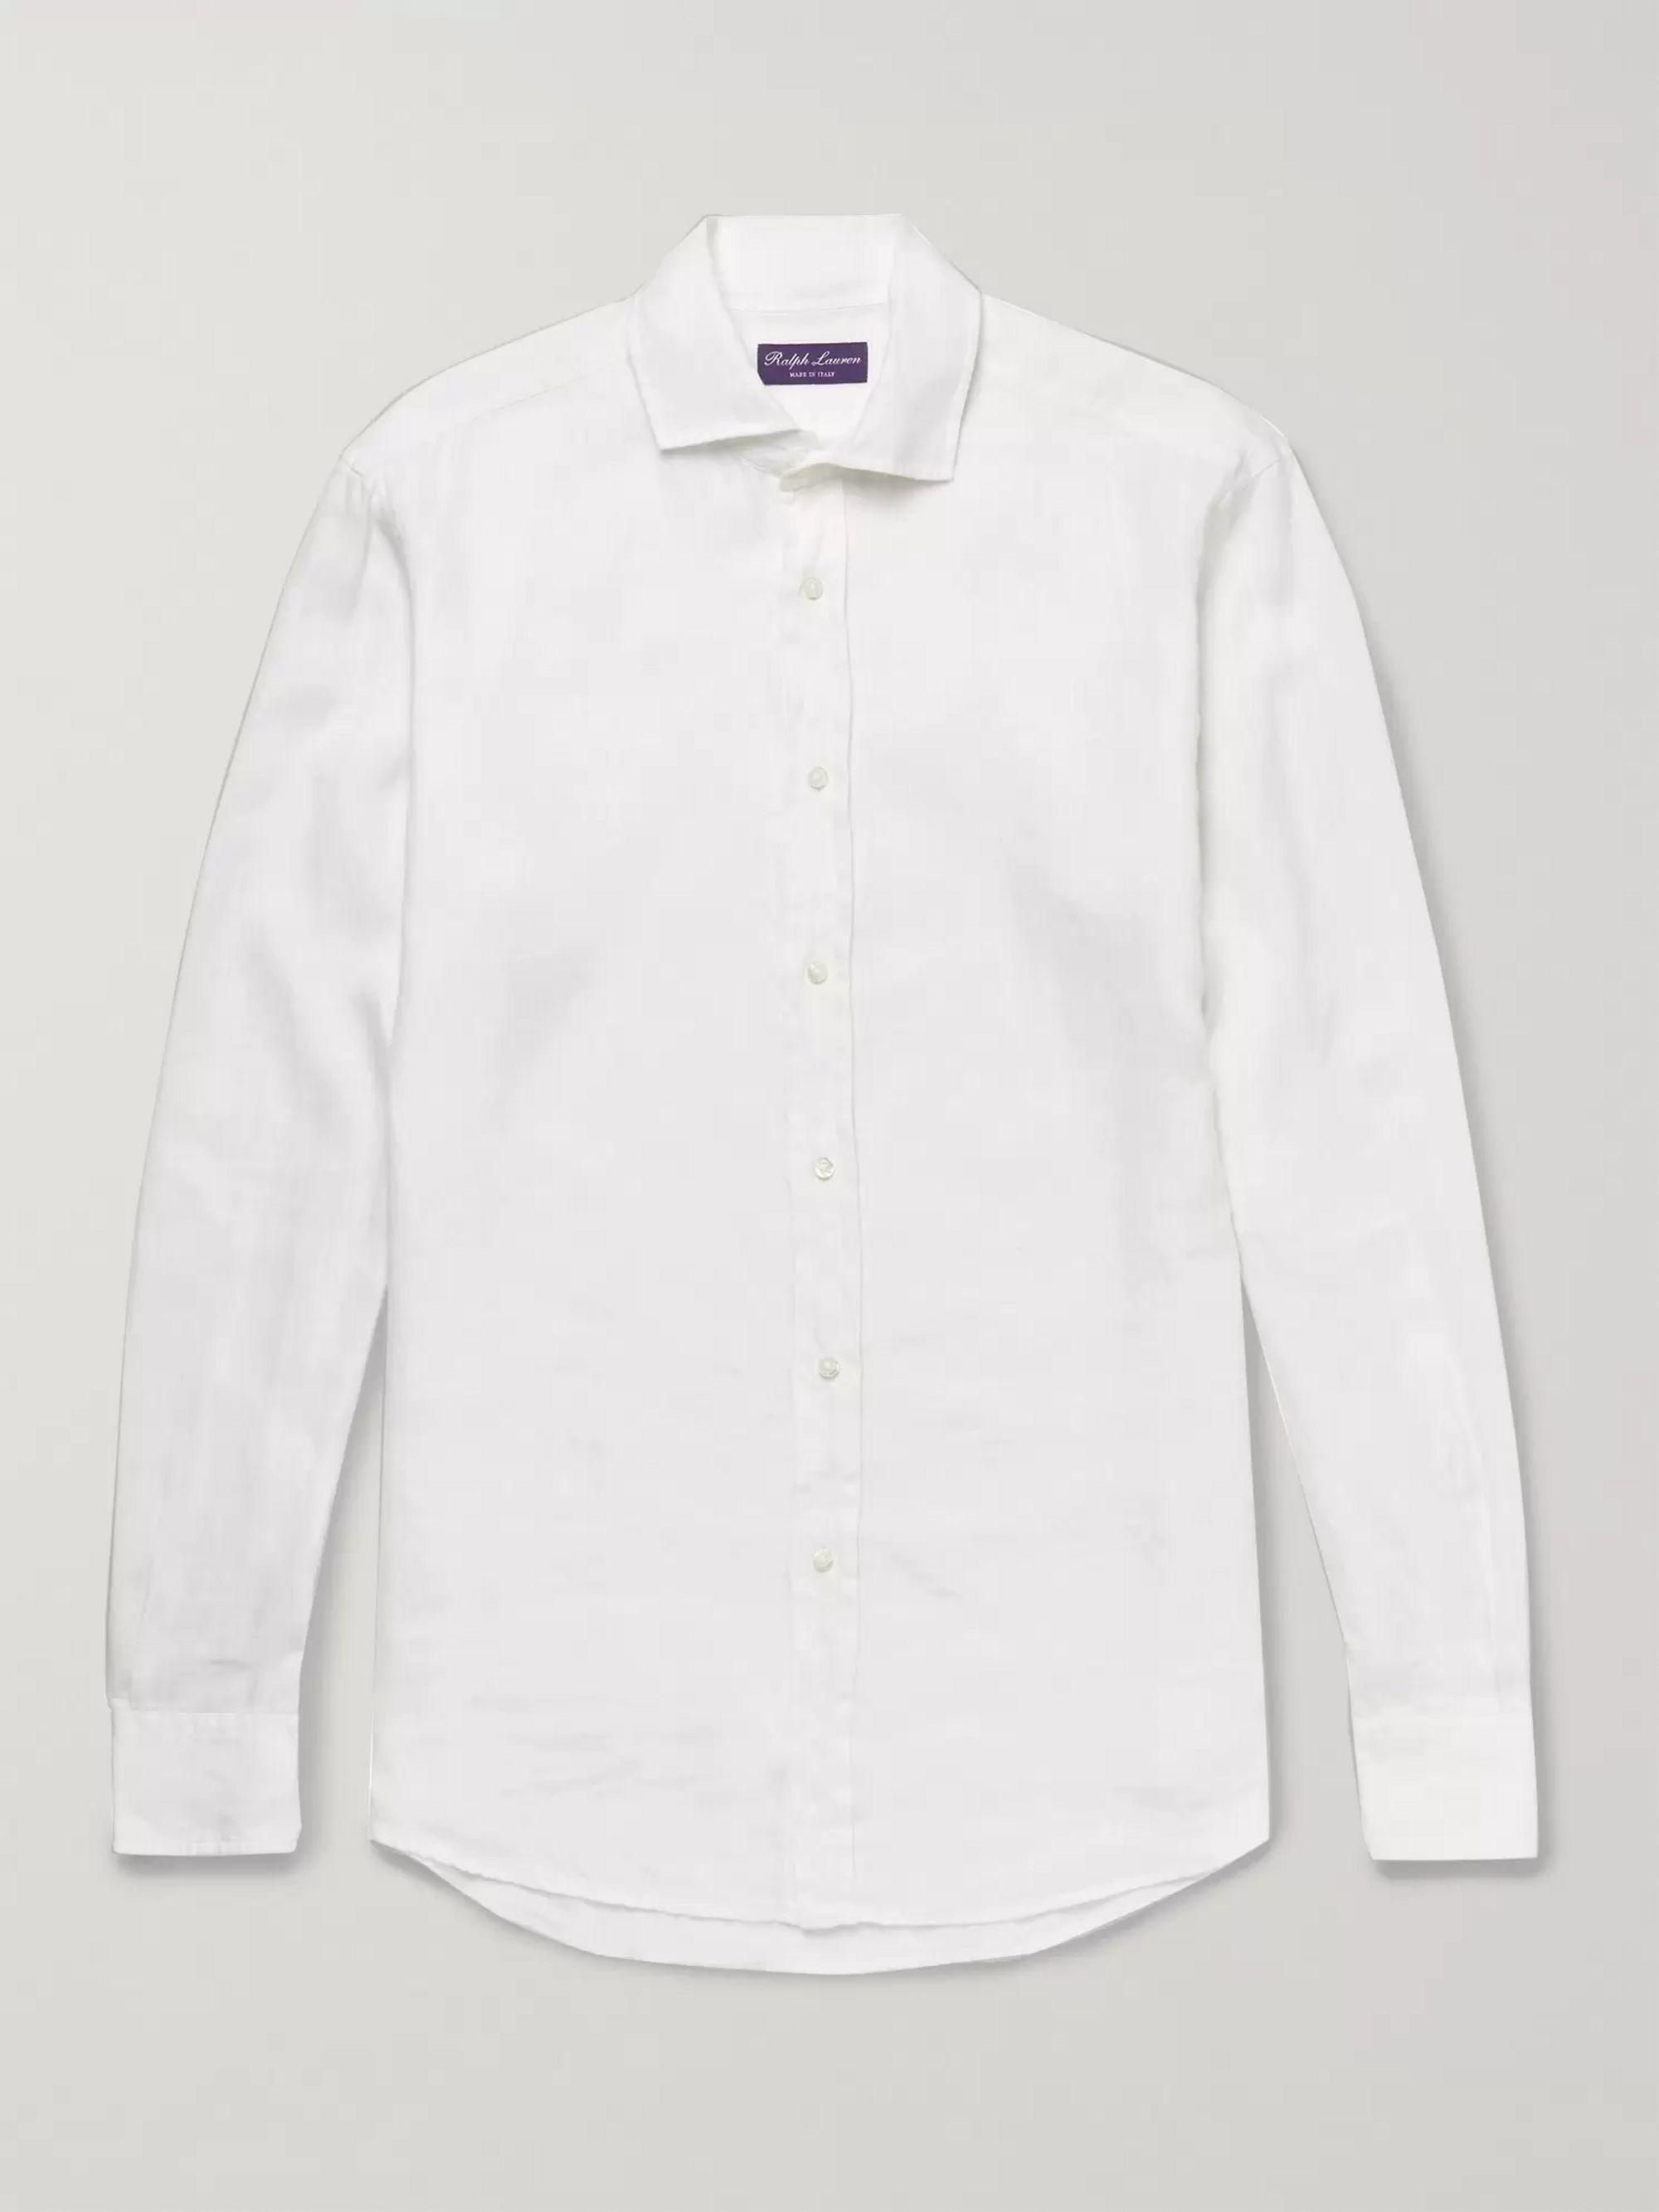 Aston Collar Linen Cutaway Slub Shirt Ybg76yfv